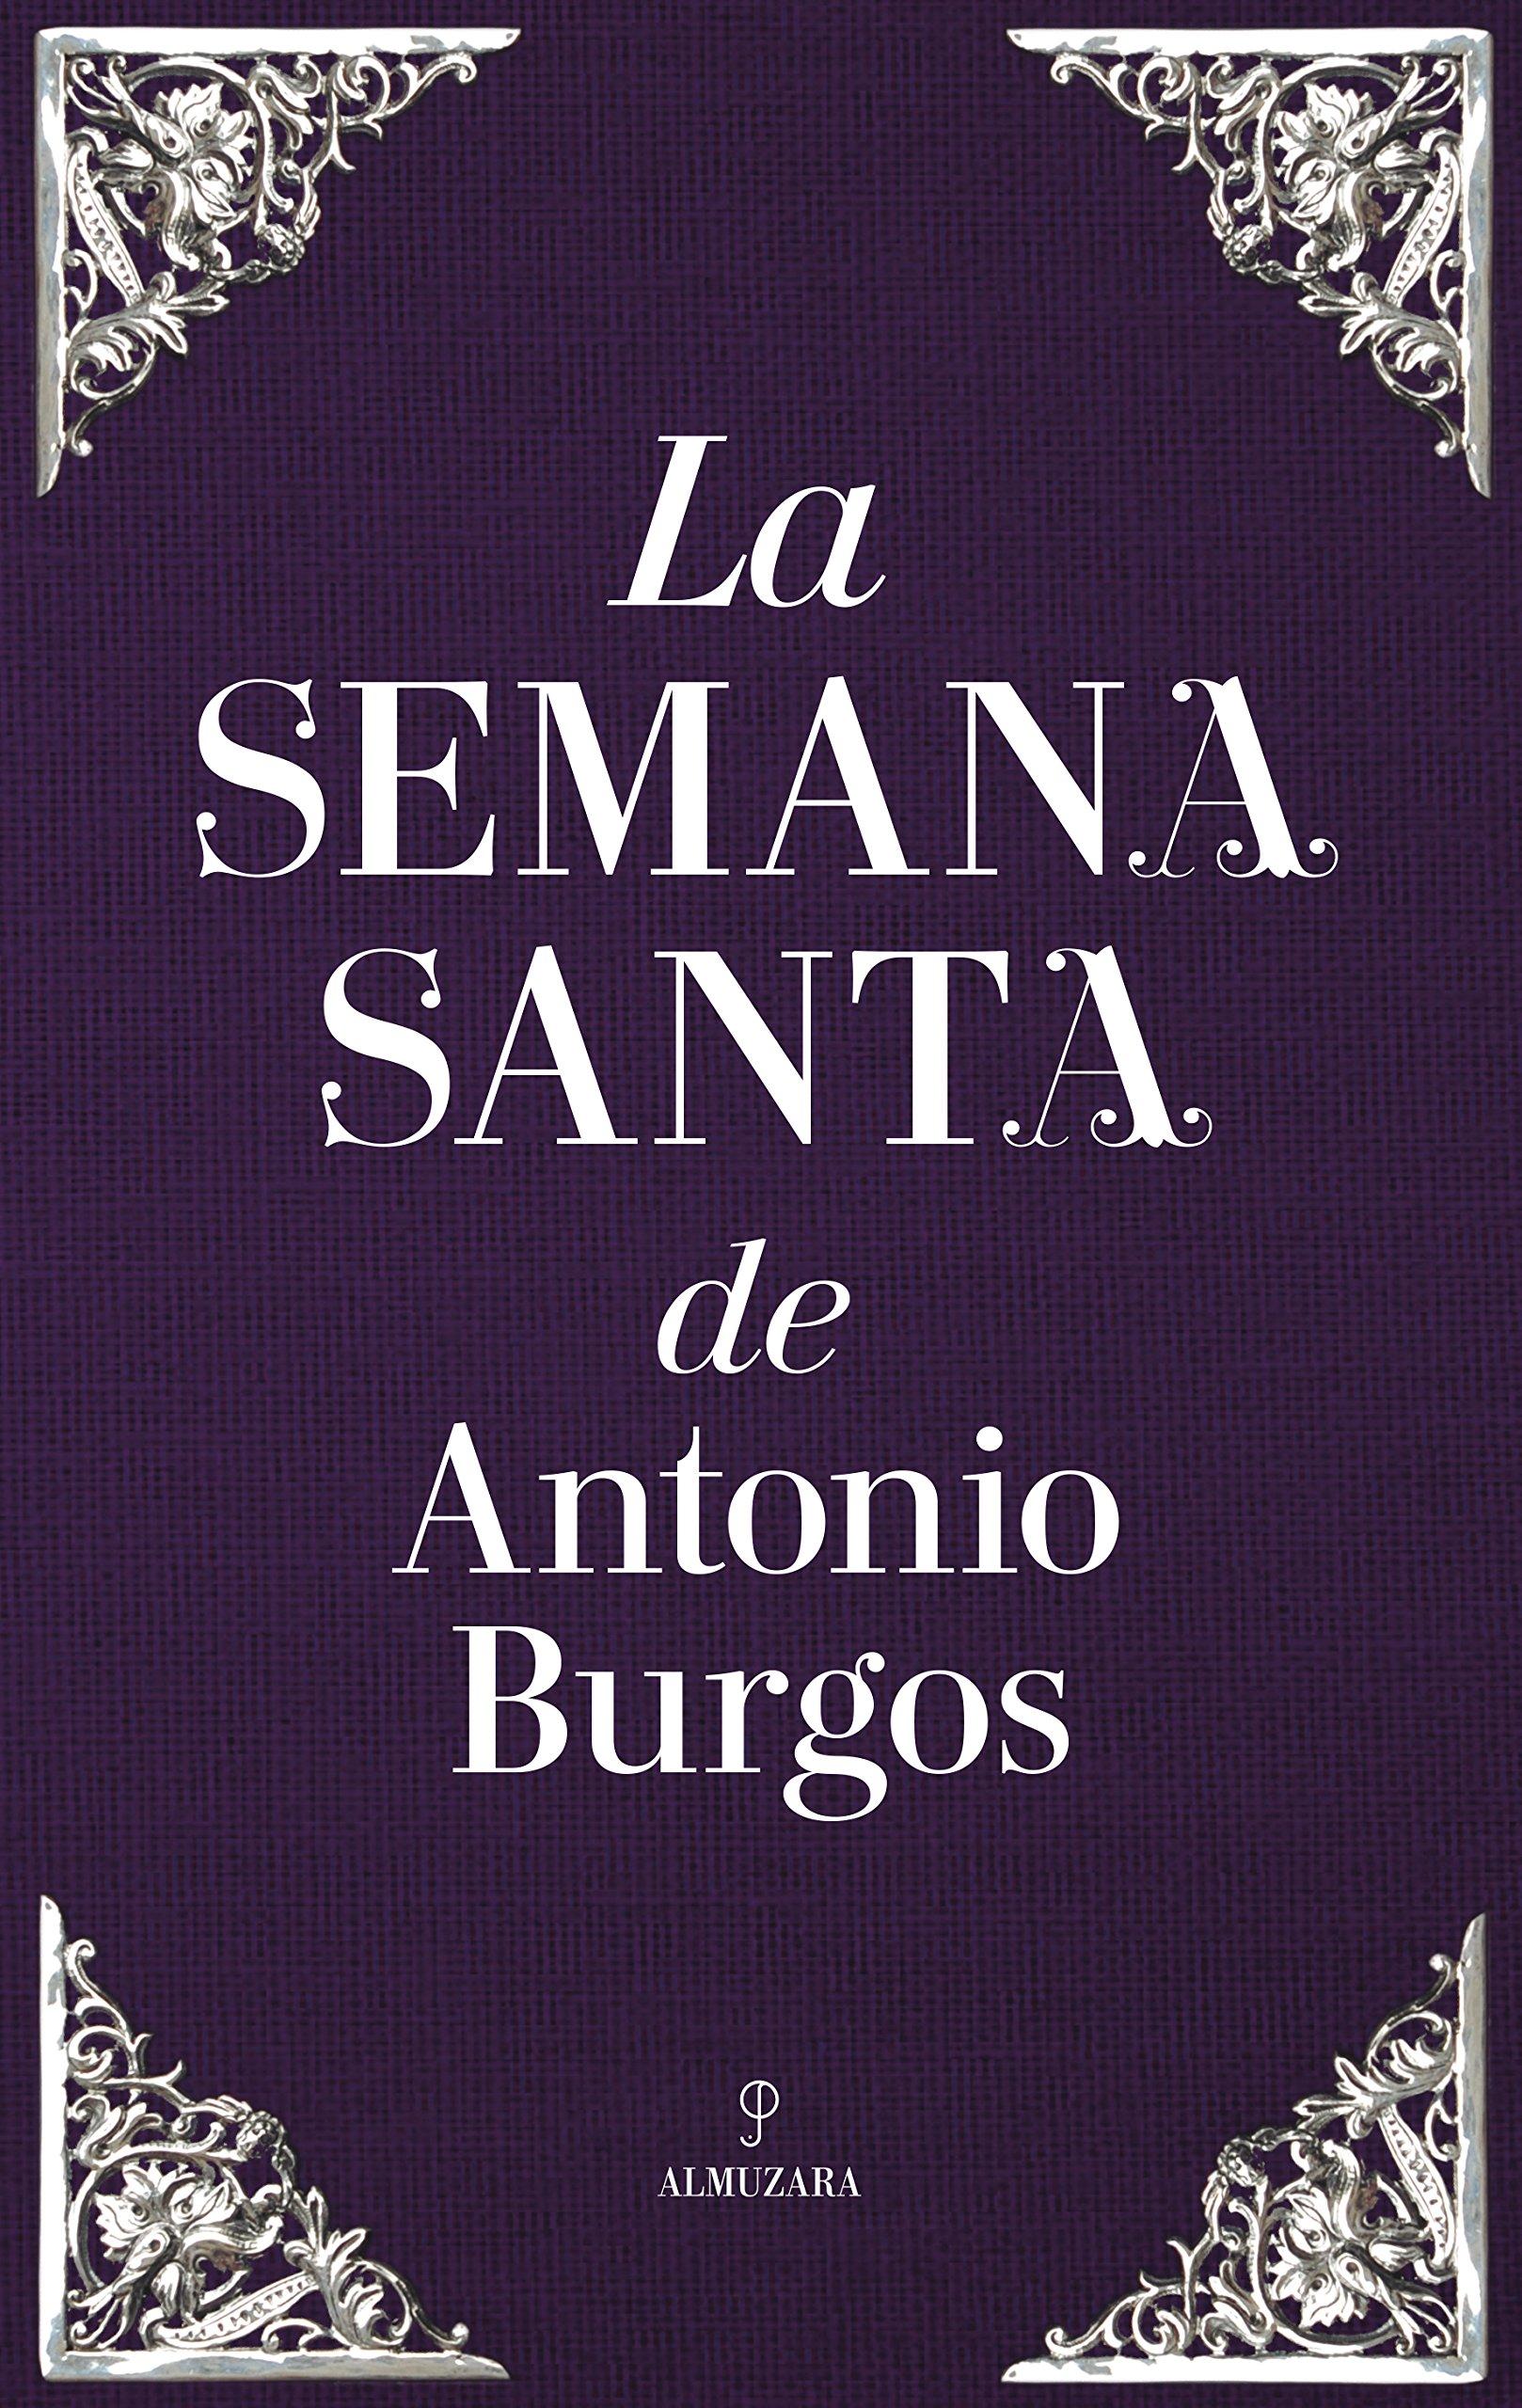 La Semana Santa de Antonio Burgos (Andalucía): Amazon.es: garcia perea, rosa: Libros